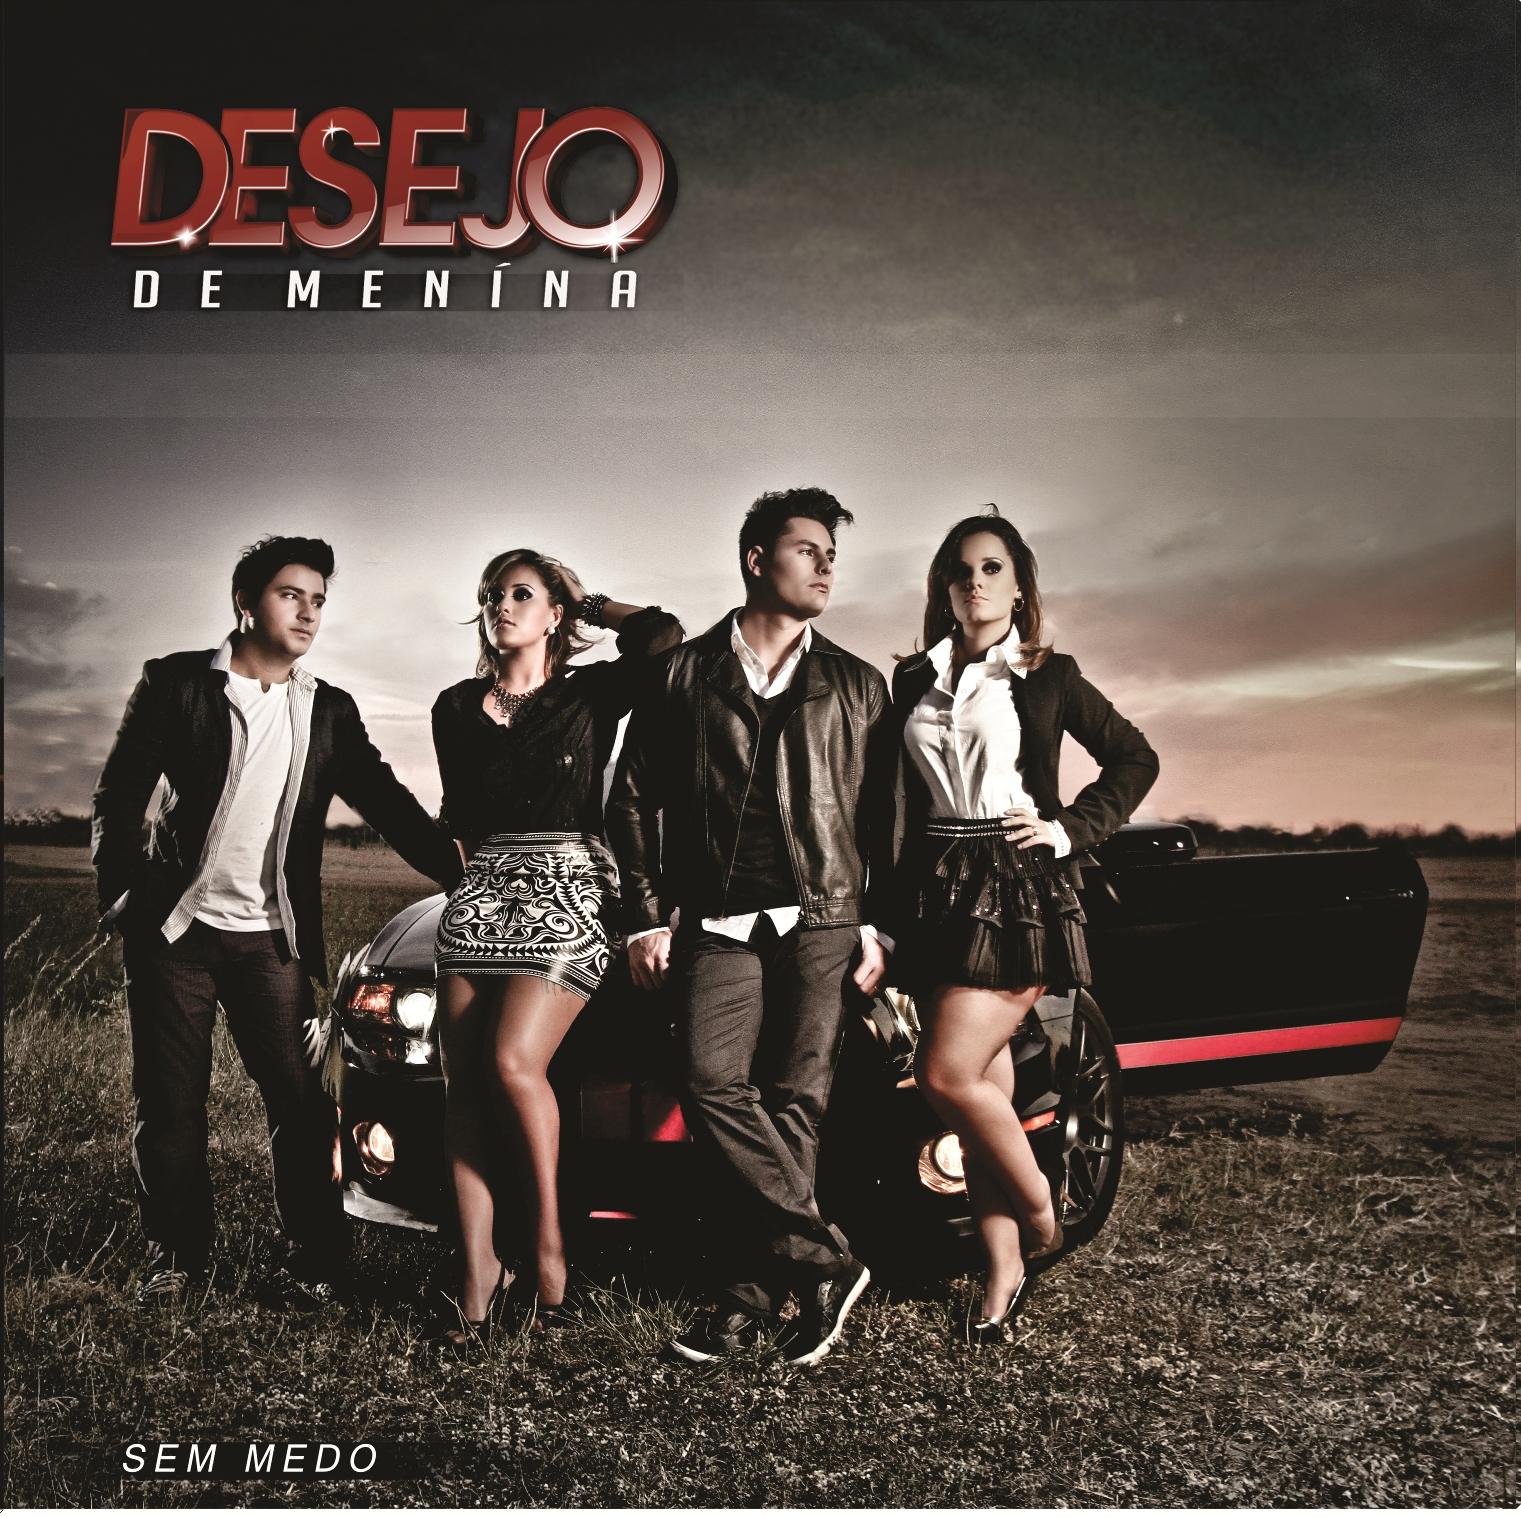 Desejo de Menina sem medo 2013 Desejo de Menina   Sem Medo Vol.08